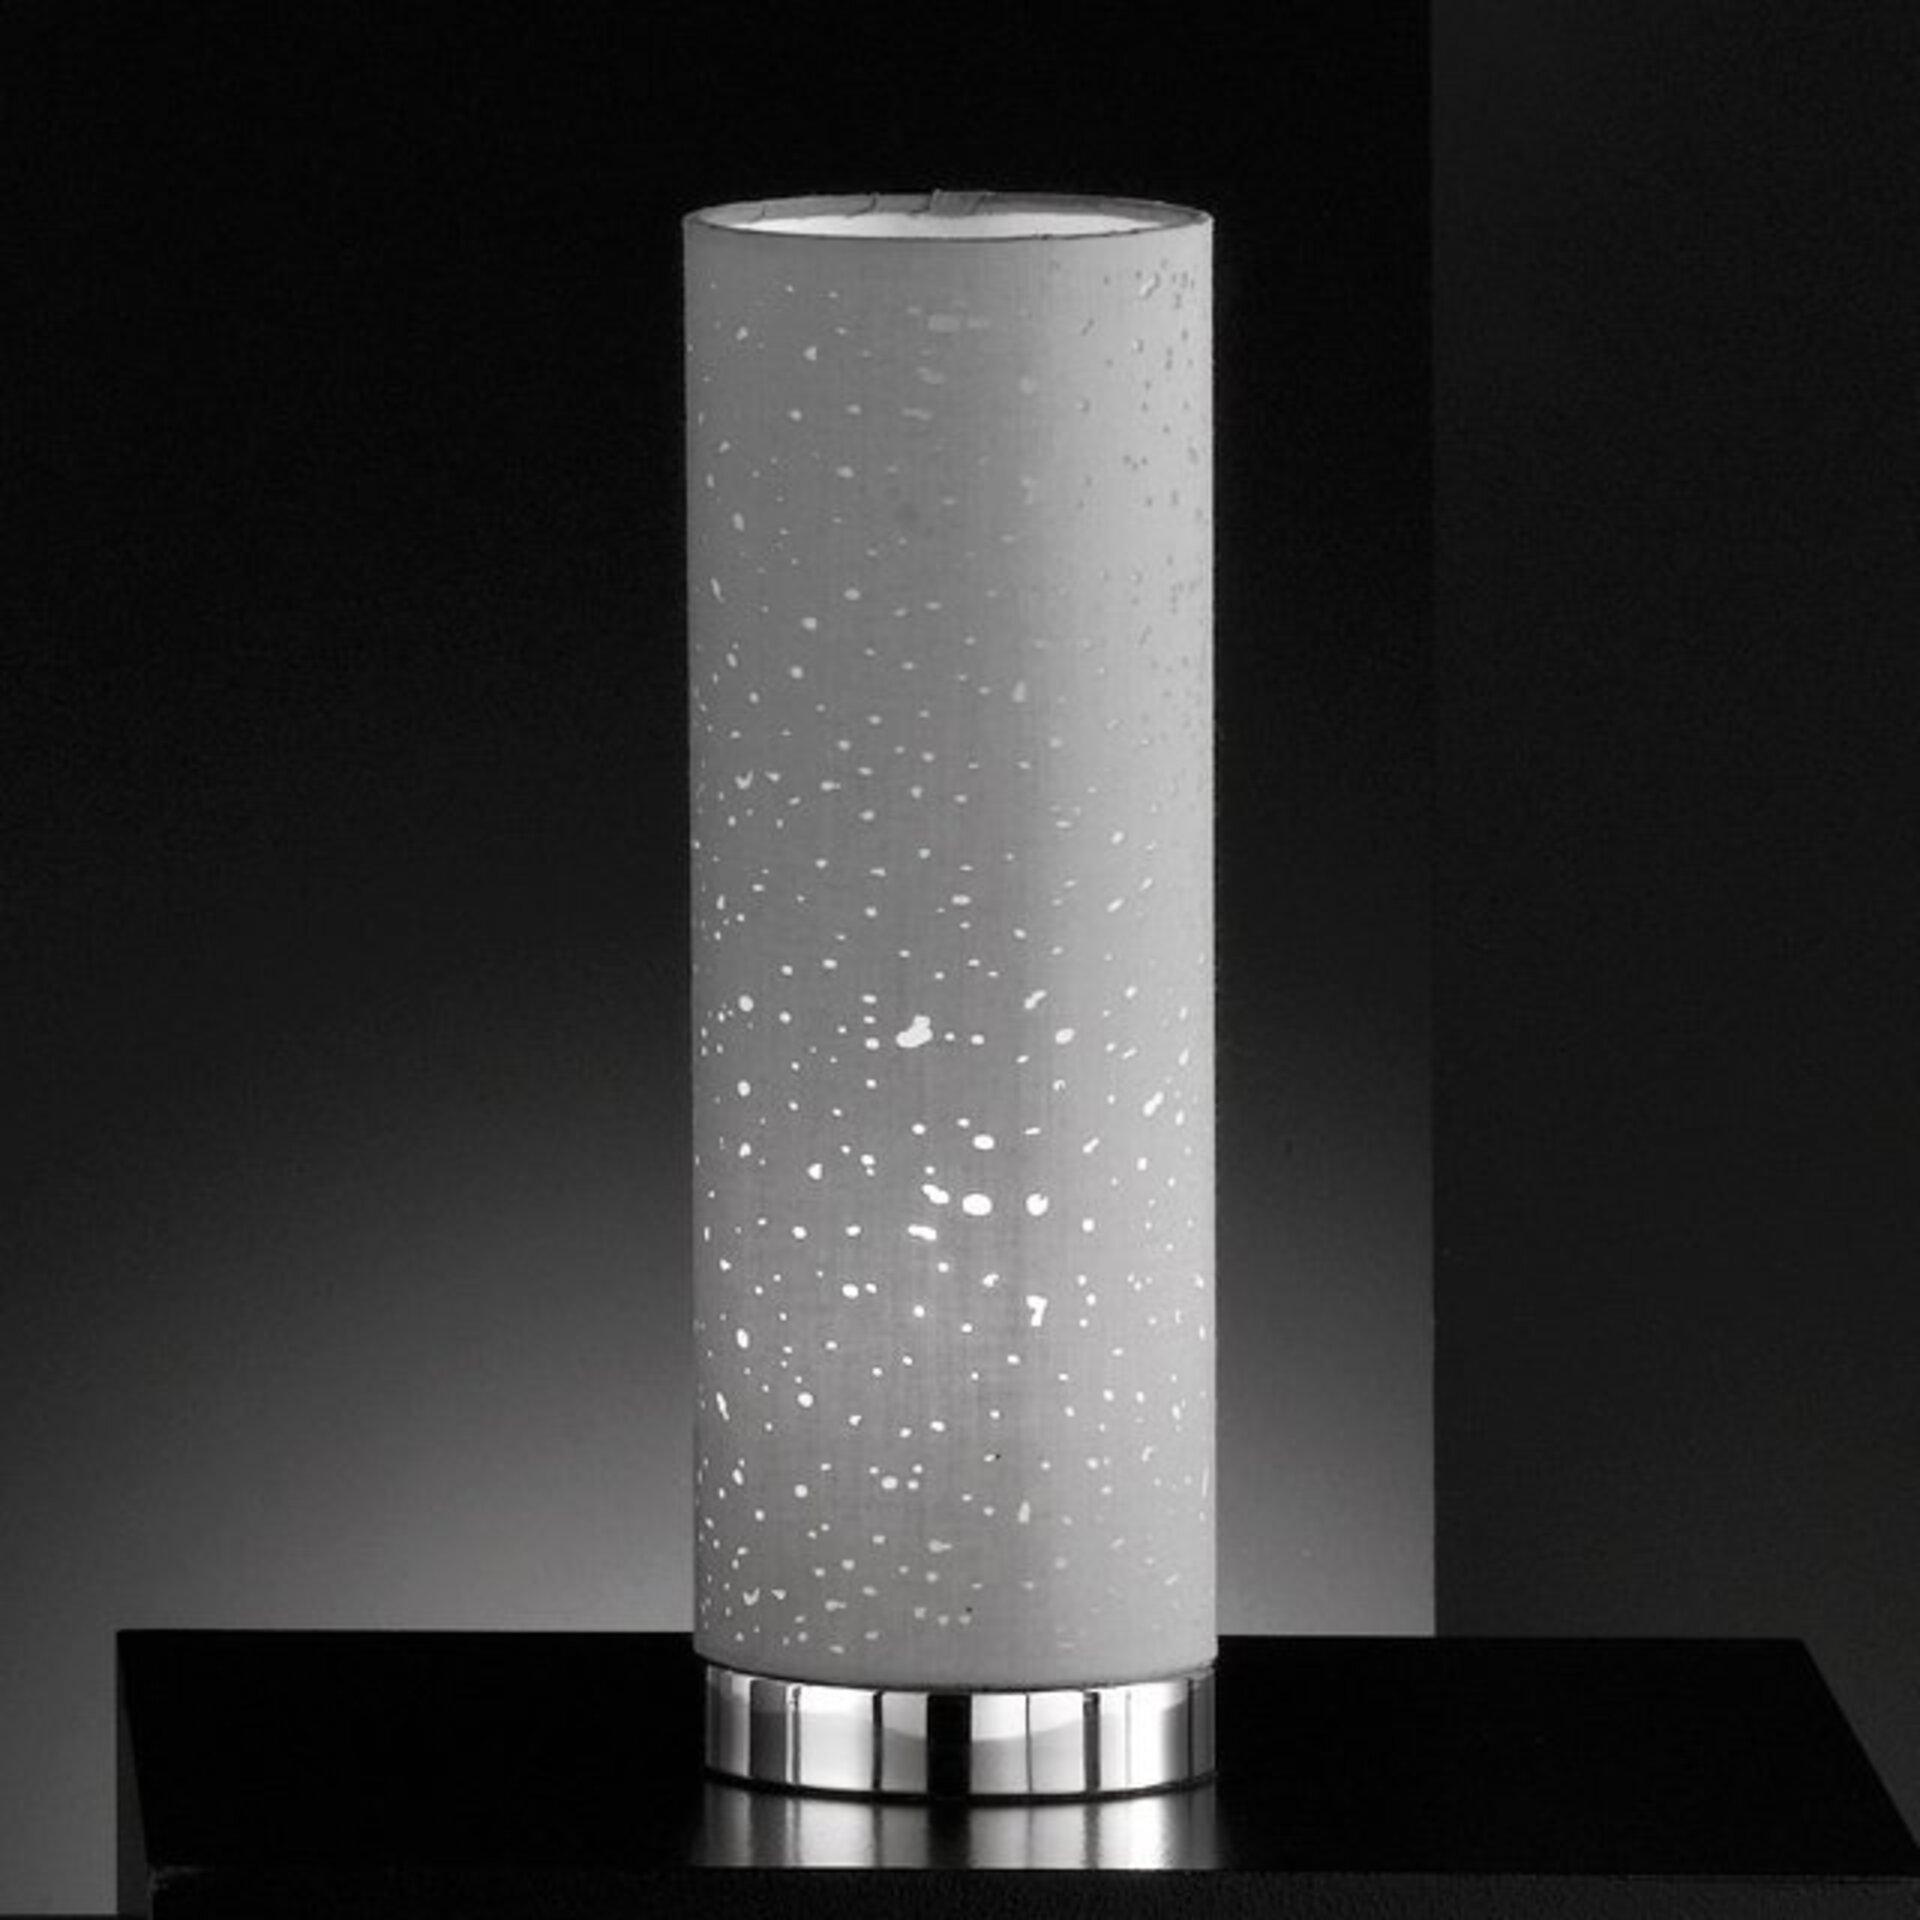 Tischleuchte Thor Fischer-Honsel Metall silber 12 x 35 x 12 cm